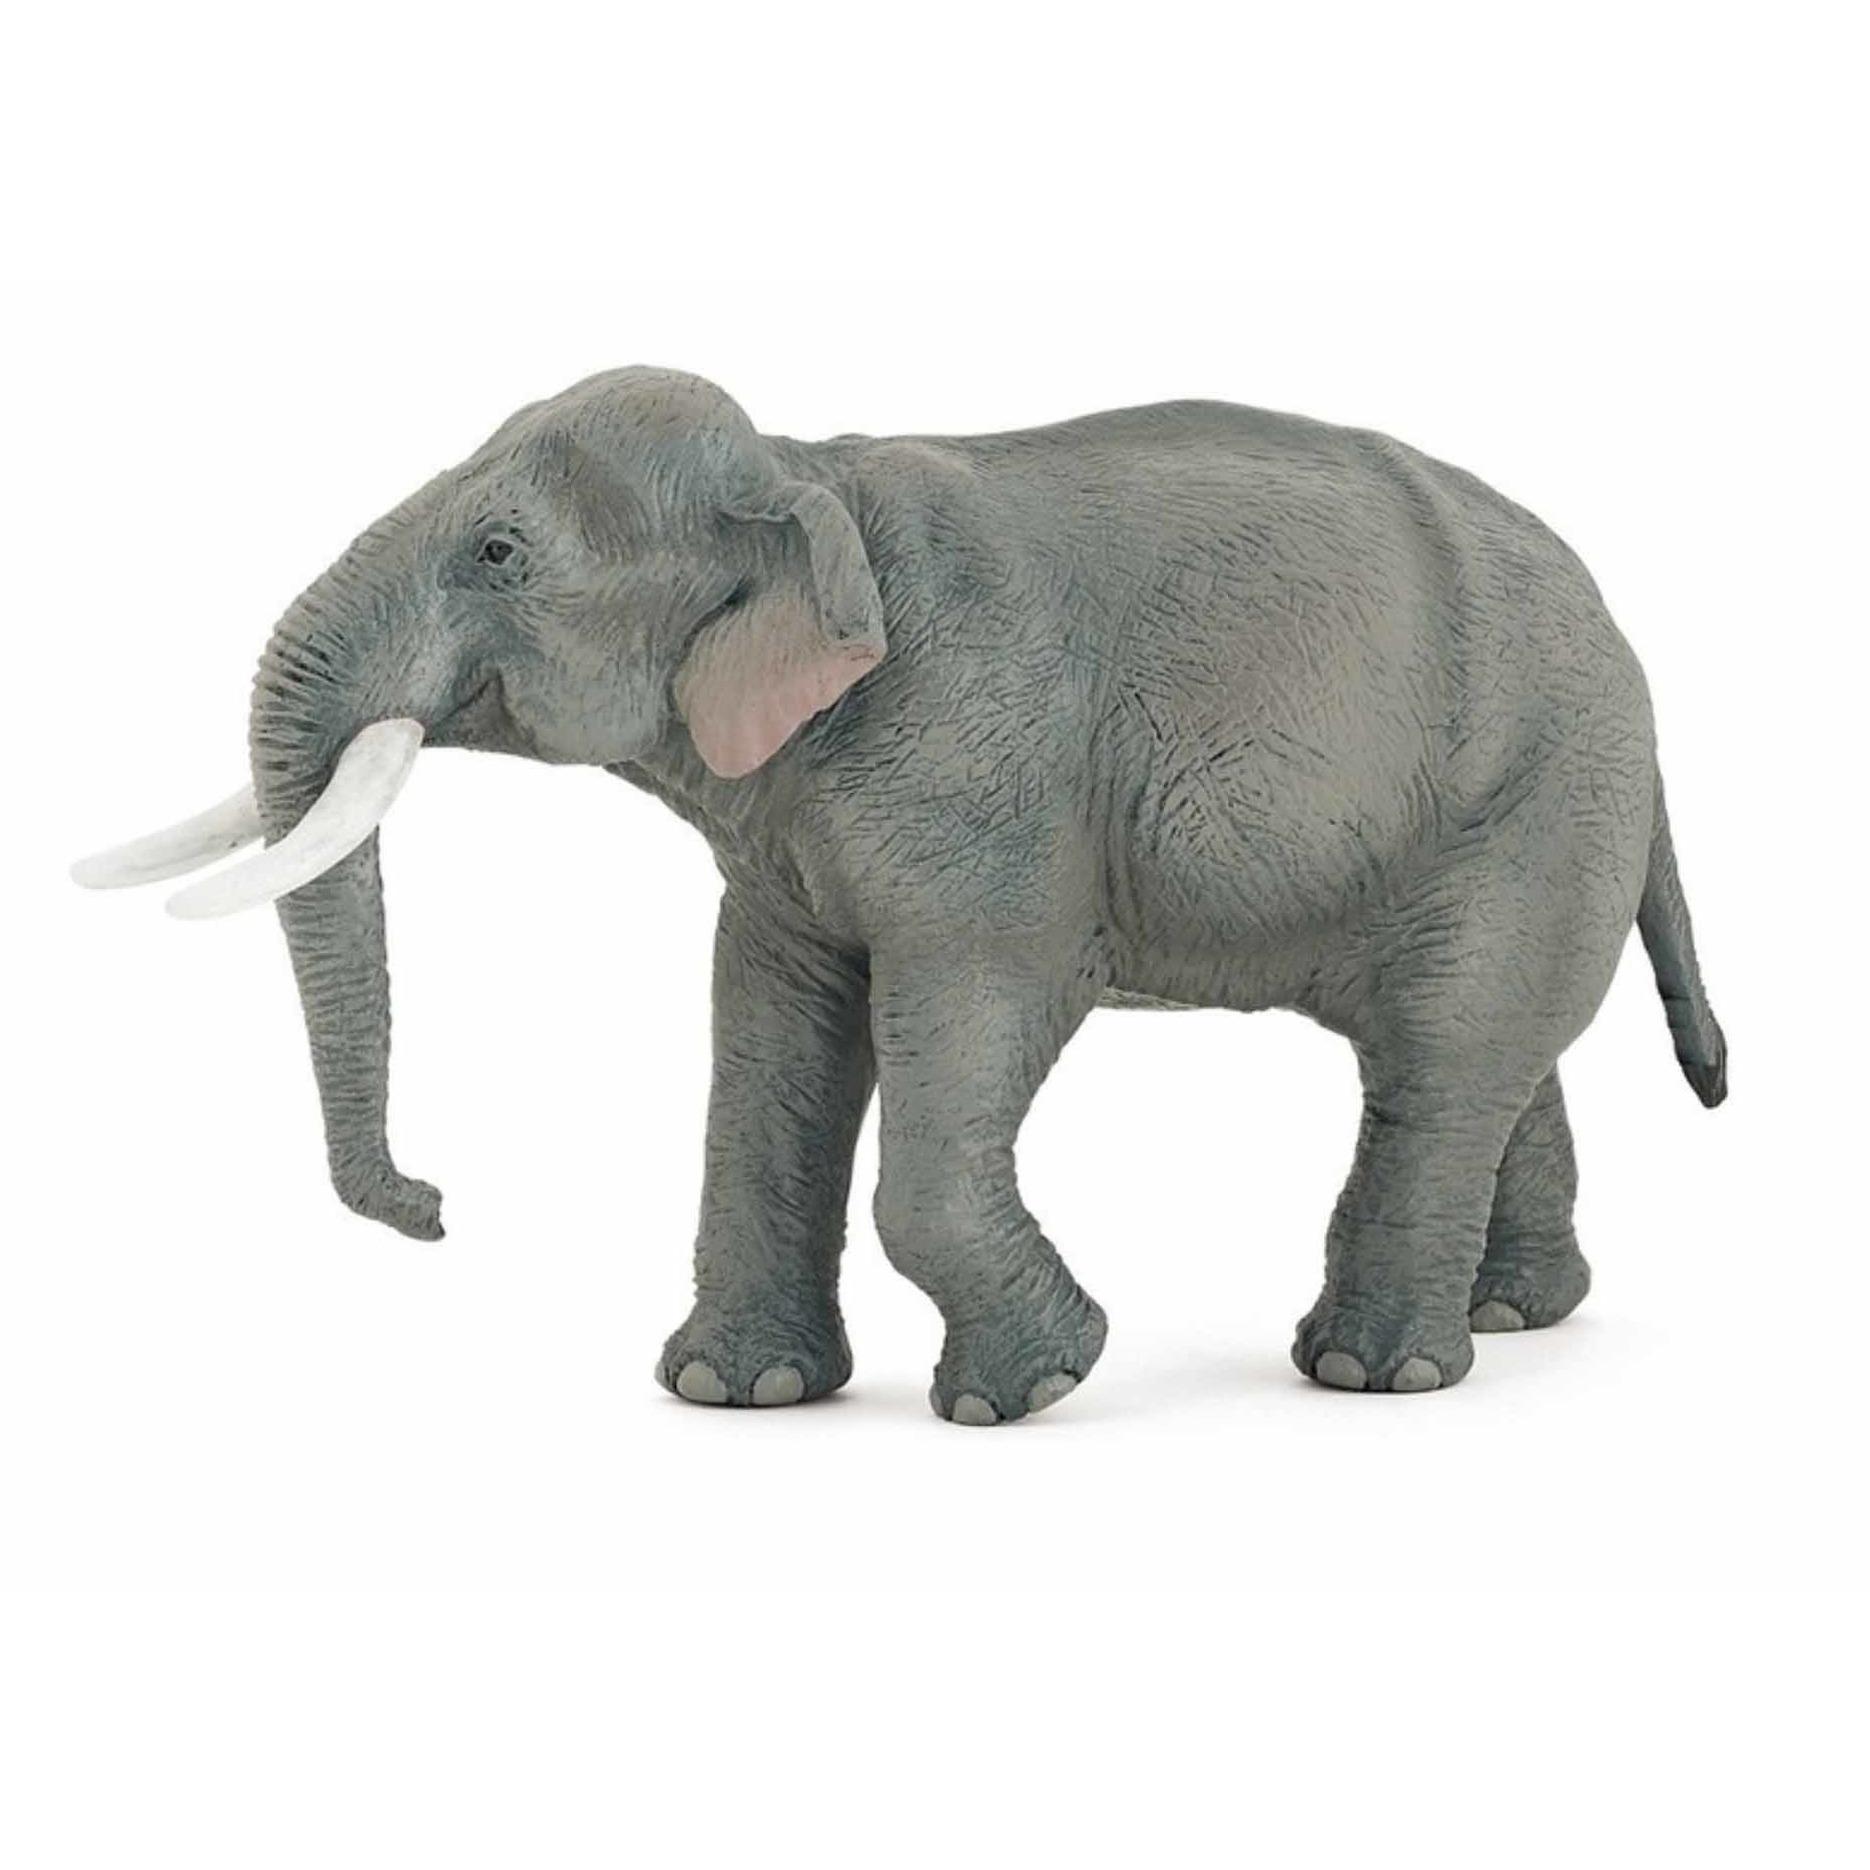 Aziatische moeder olifant speeldiertje 14.5 cm